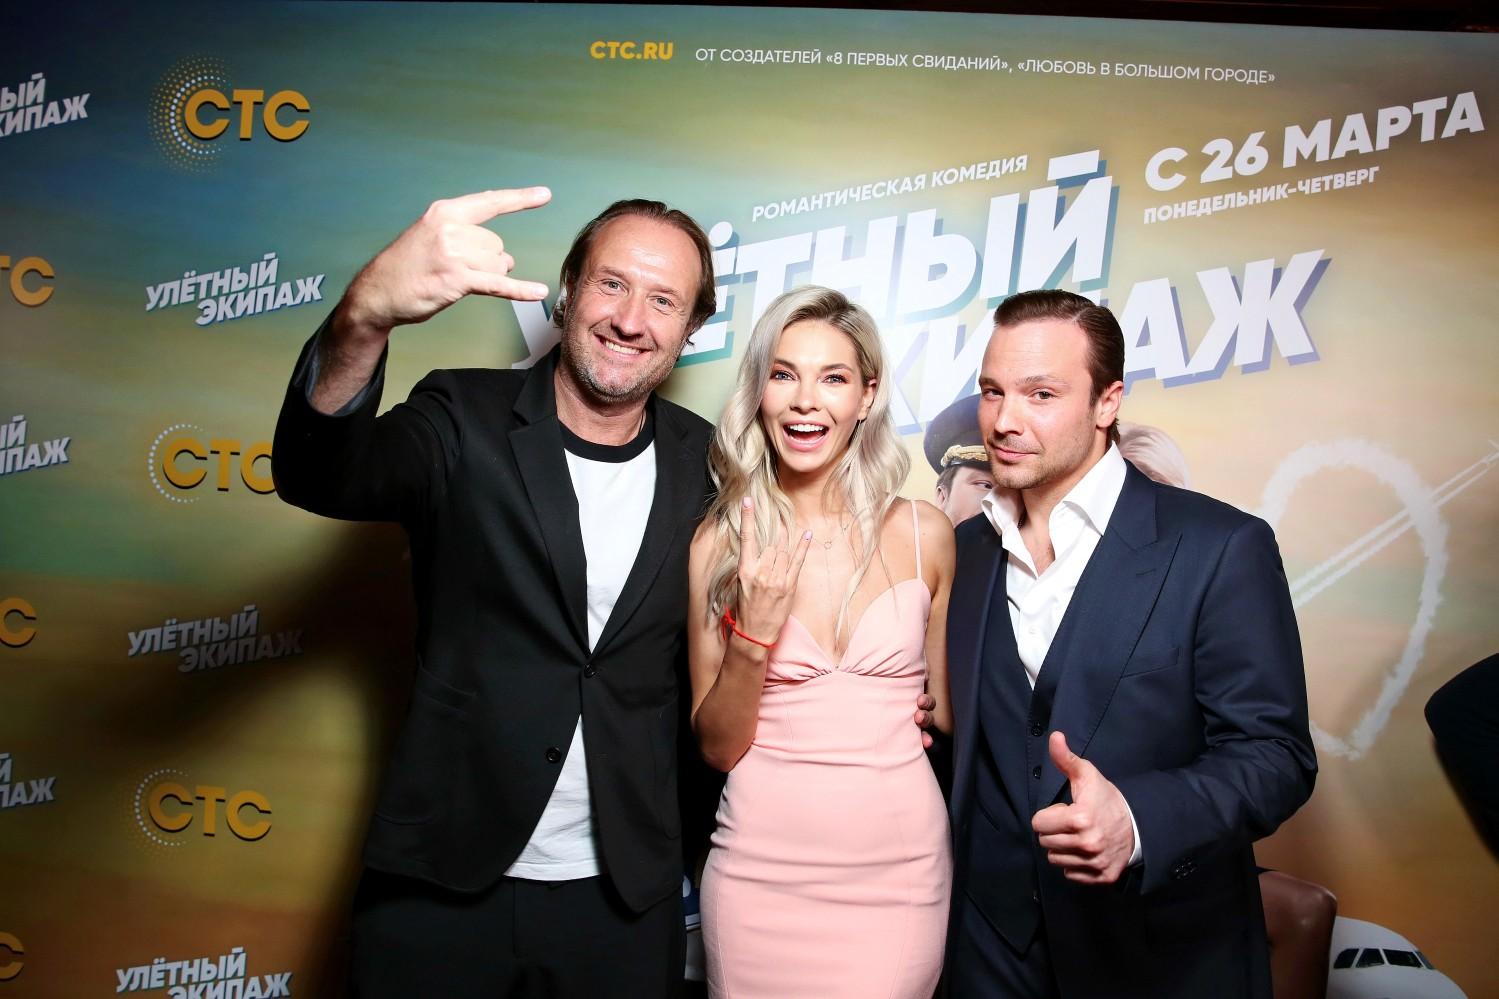 sladenkaya-chadov-goliy-video